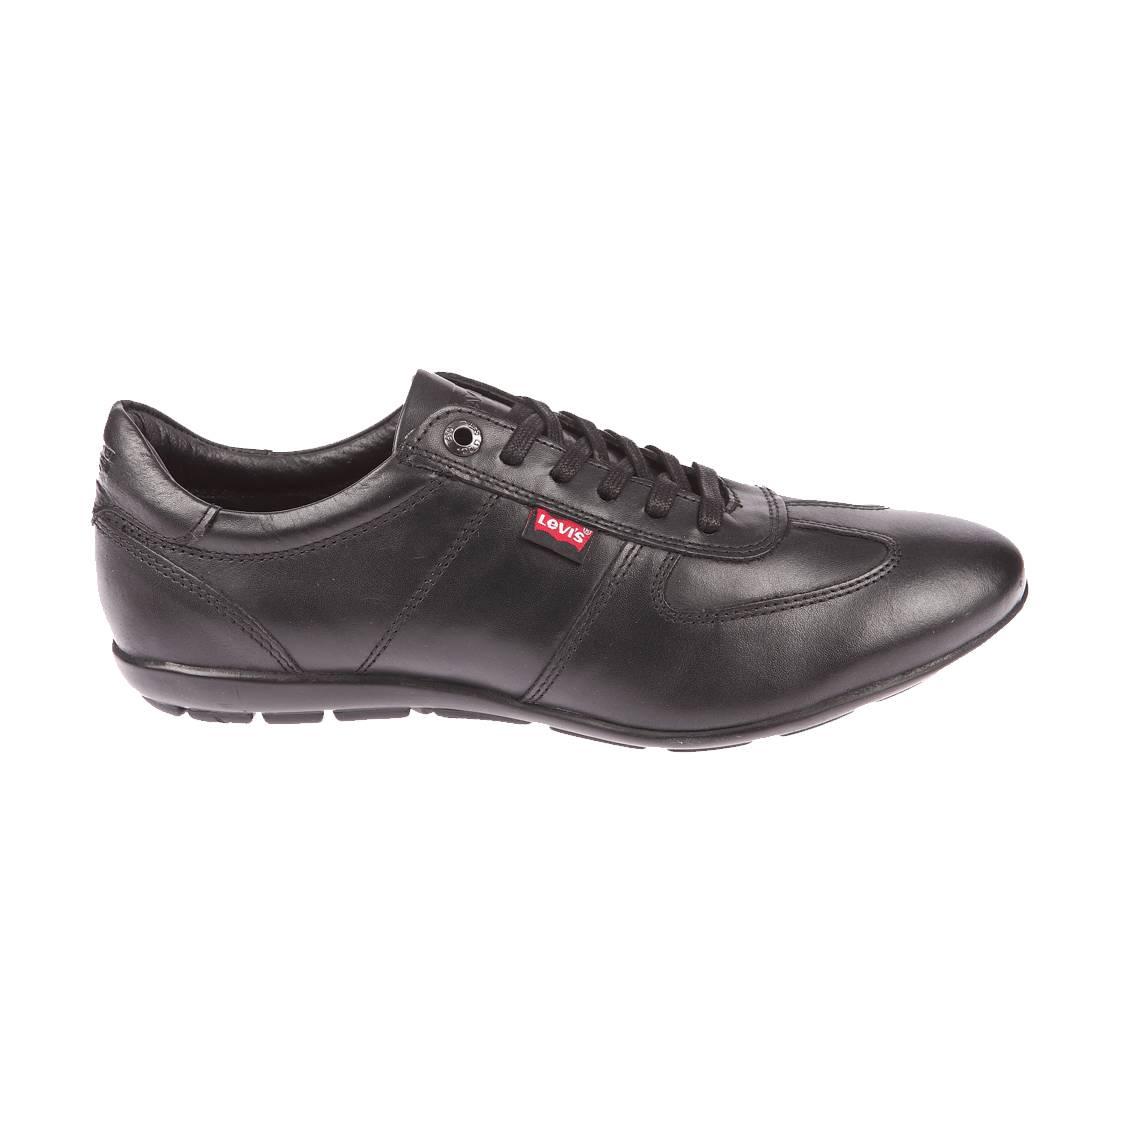 Baskets Chula Vista Levi's en cuir noir. Chaussures 100% cuir noir de LevisDans un style résolument urbain, ces chaussures 100% cuir noir de Le